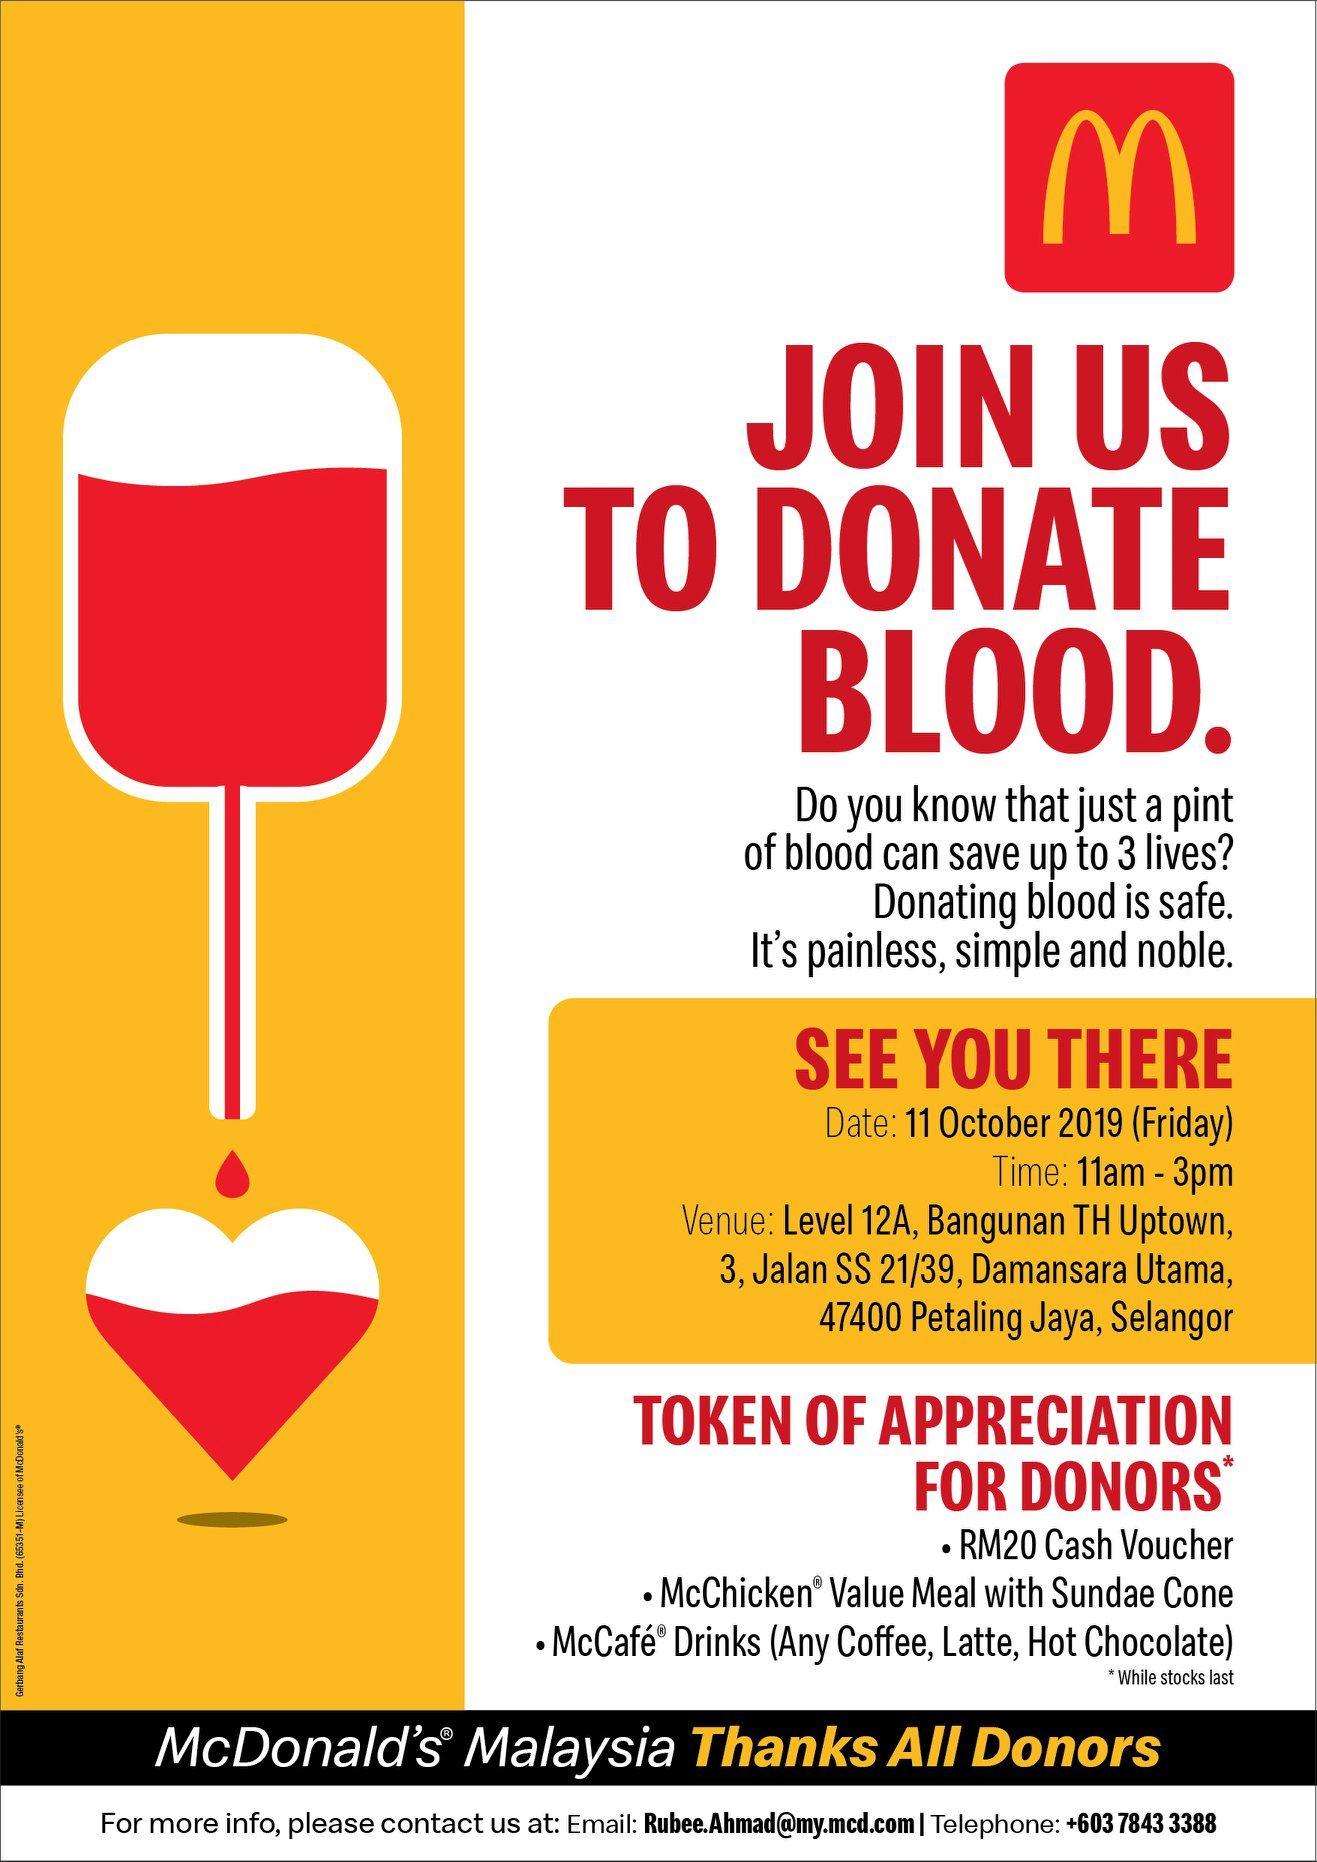 大马mcdonalds举办捐血活动!只要捐血就有免费mcdonalds!